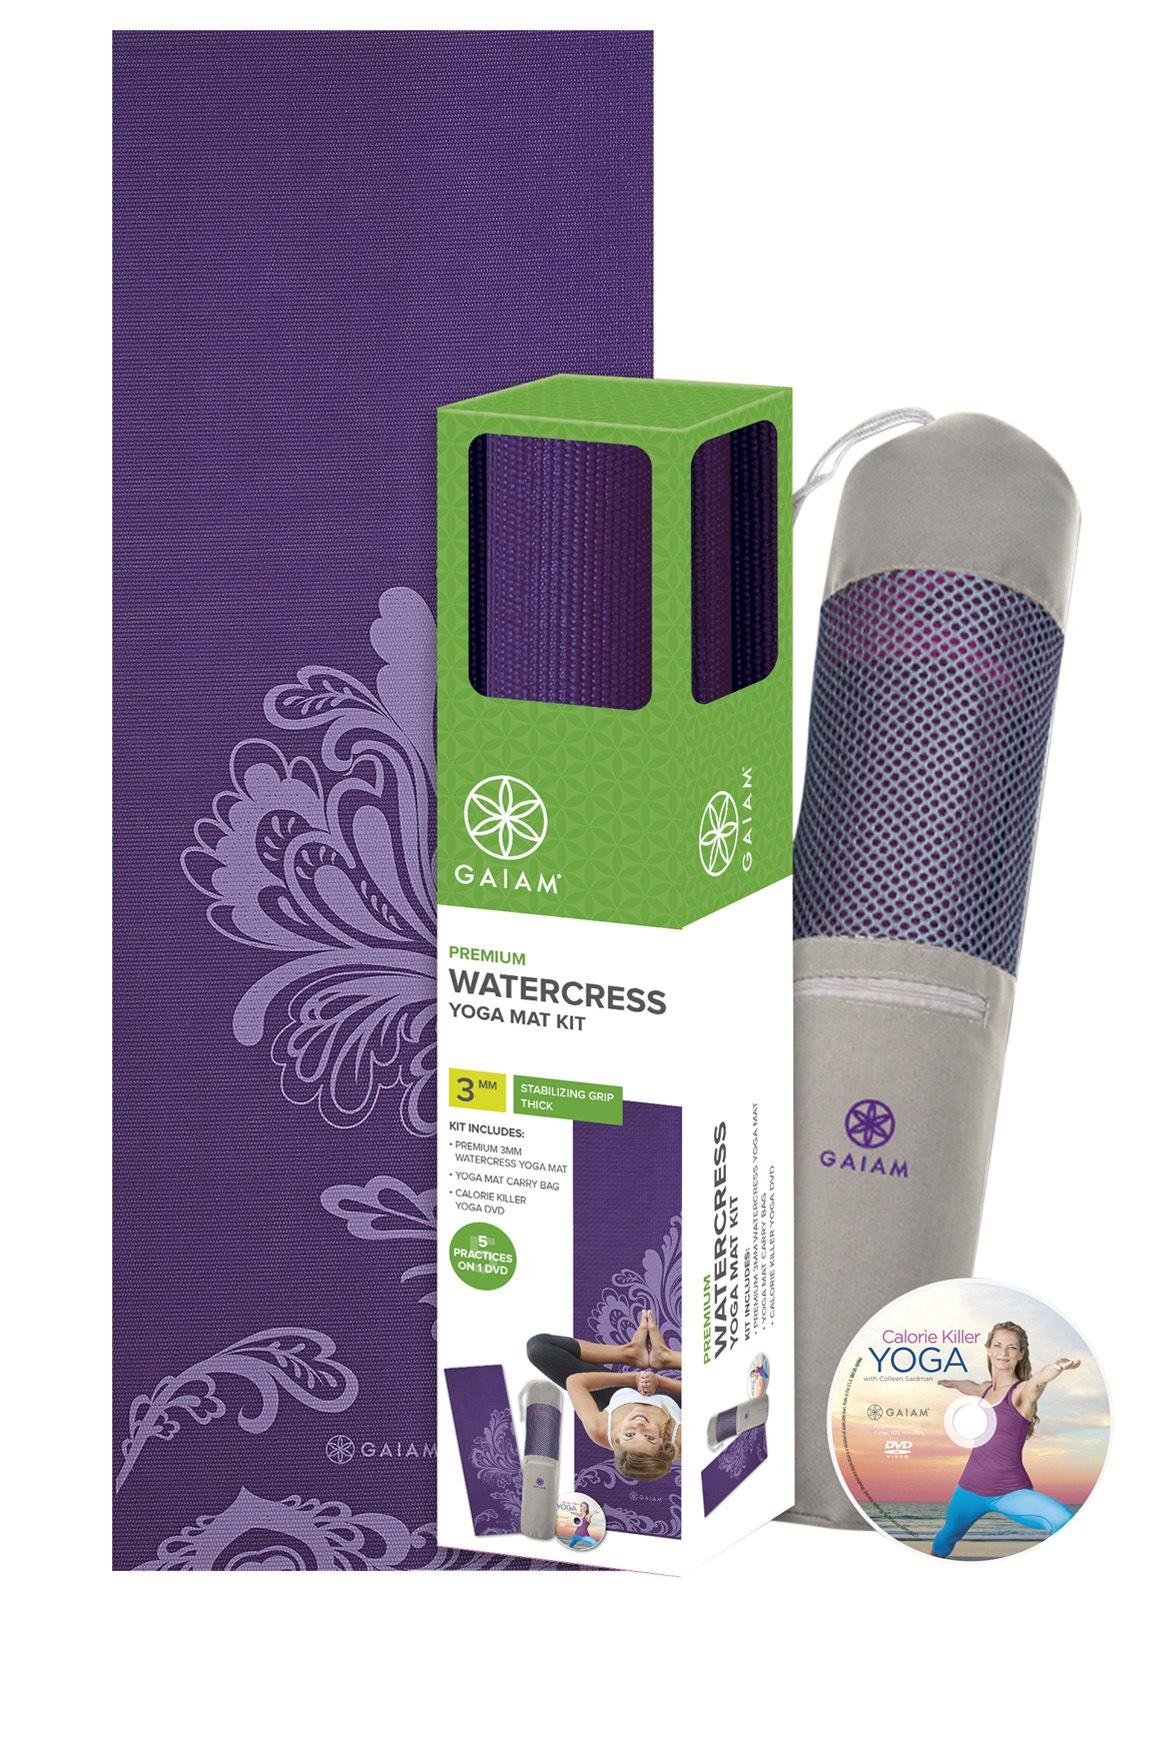 Gaiam Yoga Mat Care Blog Dandk